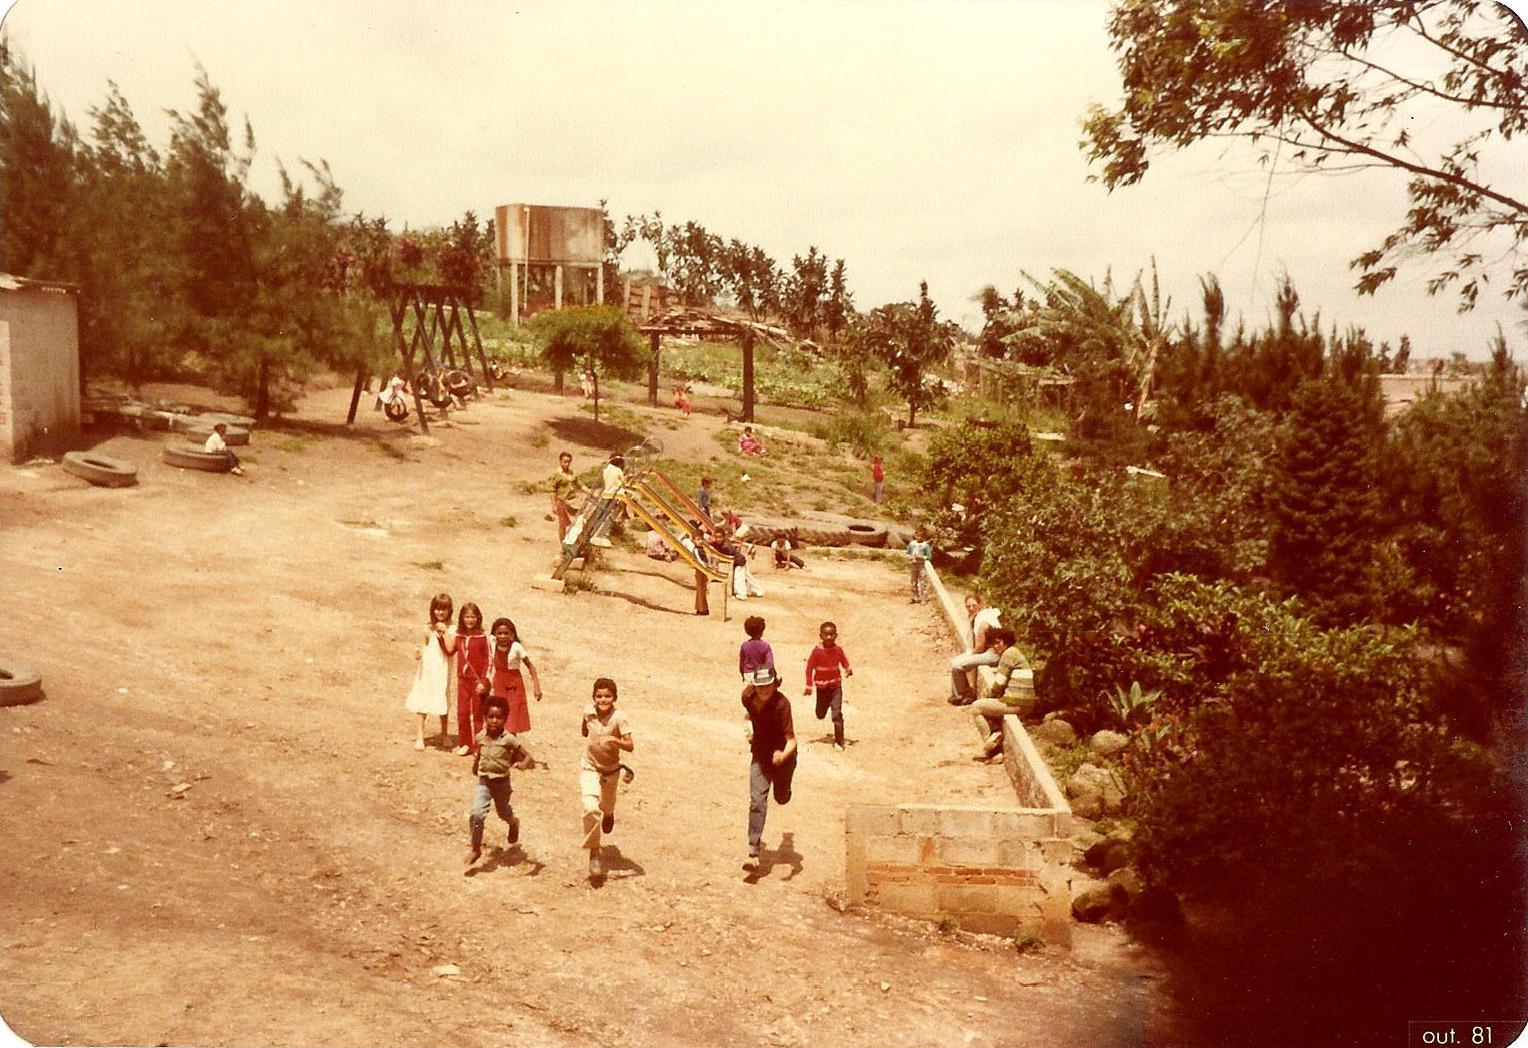 Parquinho - 1980